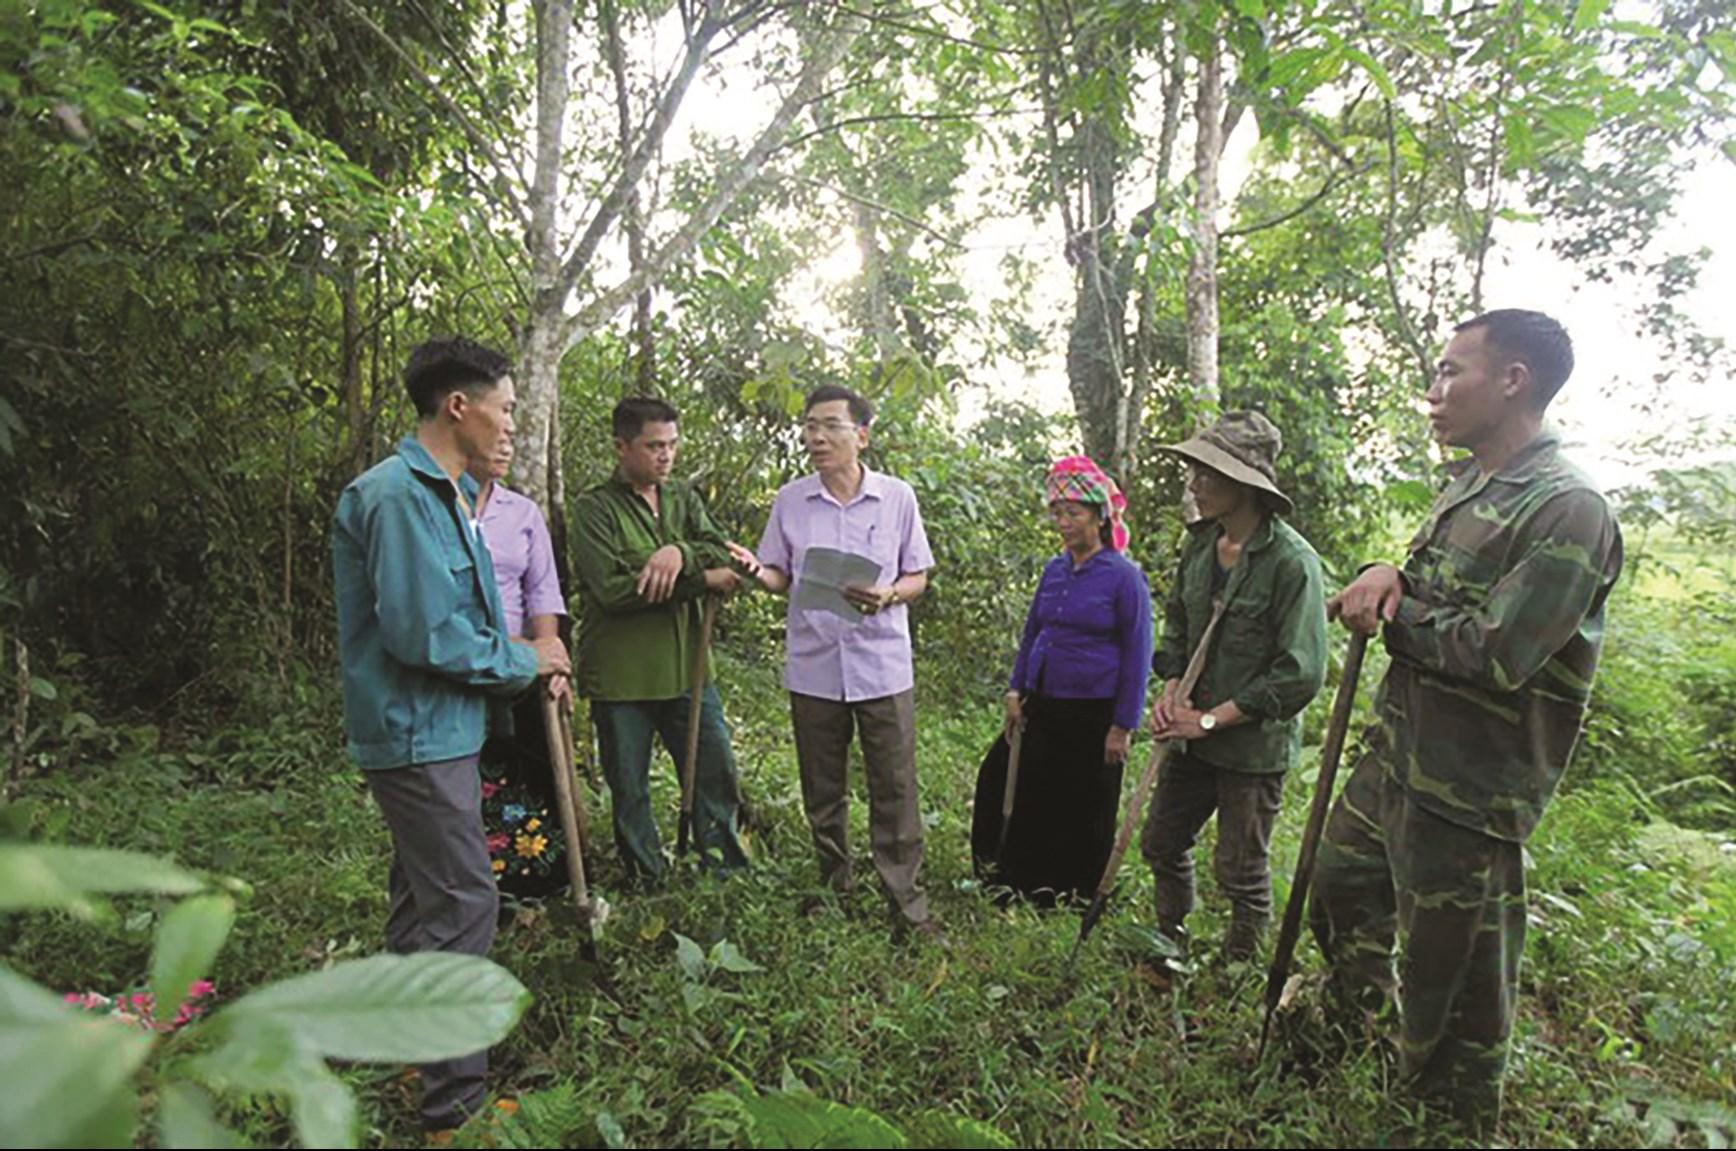 Thỏa thuận ERPA sẽ bổ sung nguồn lực kịp thời cho công tác bảo vệ, phát triển, nâng cao chất lượng rừng của 6 tỉnh Bắc Trung Bộ. (Ảnh minh họa)